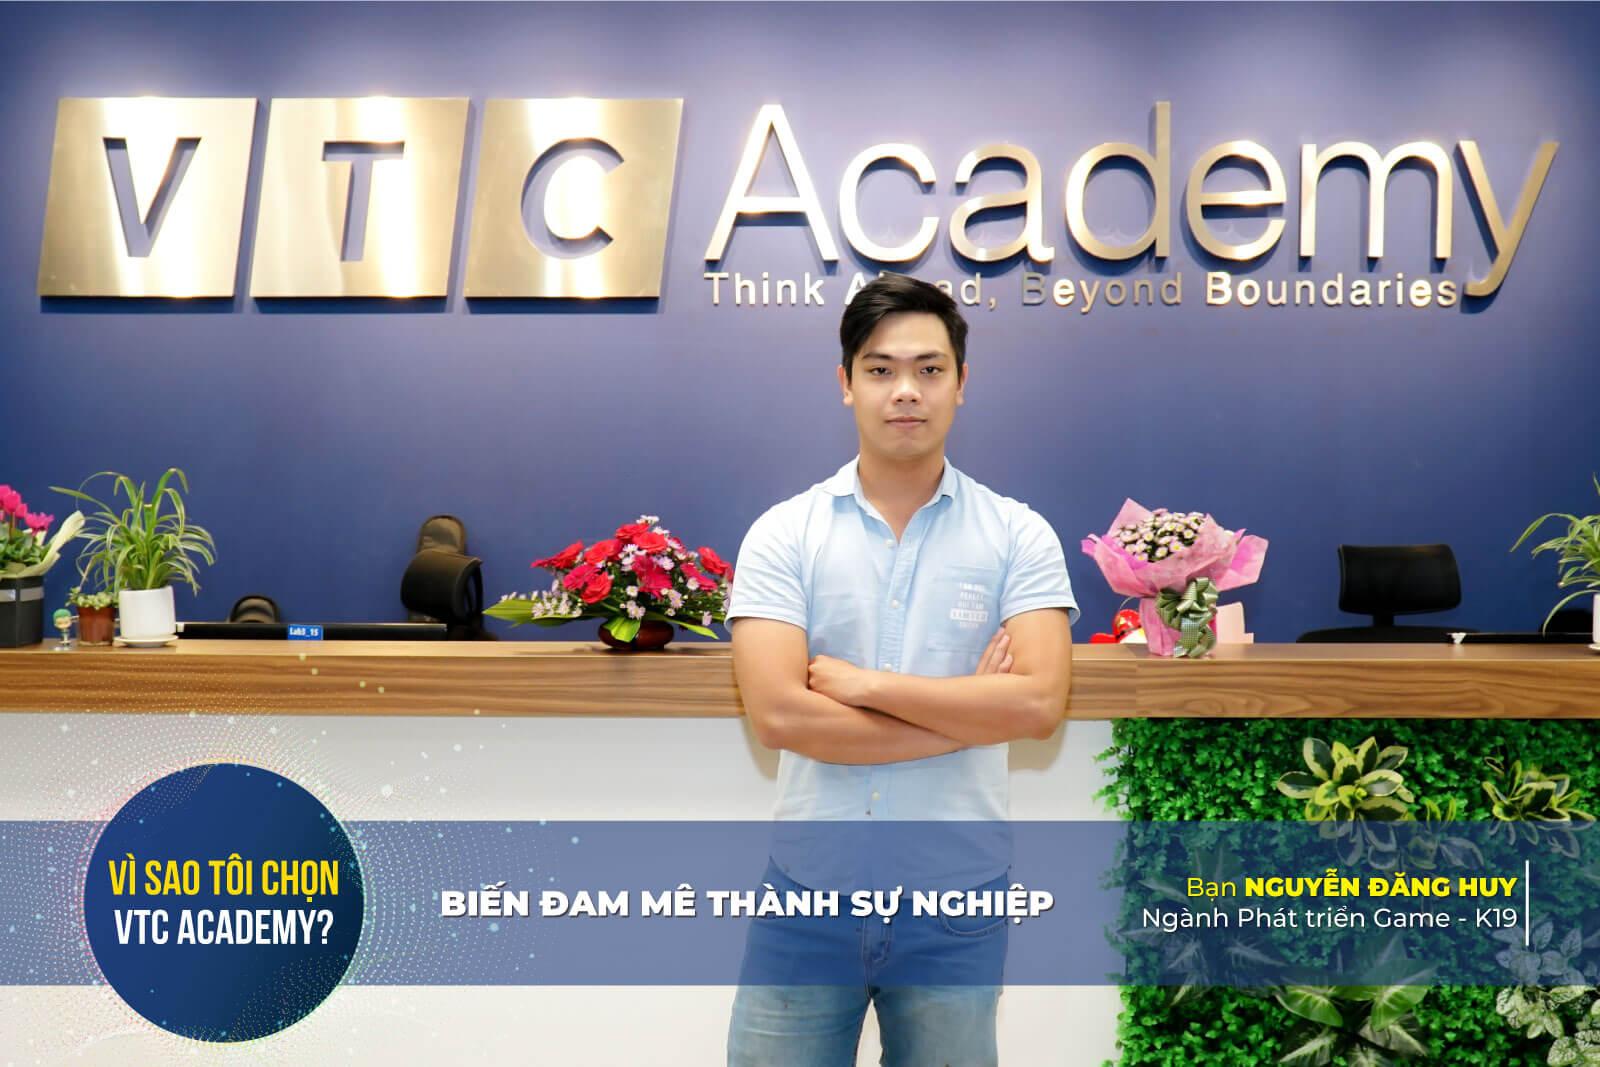 """""""Chọn VTC Academy là quyết định mình chưa bao giờ hối hận"""""""